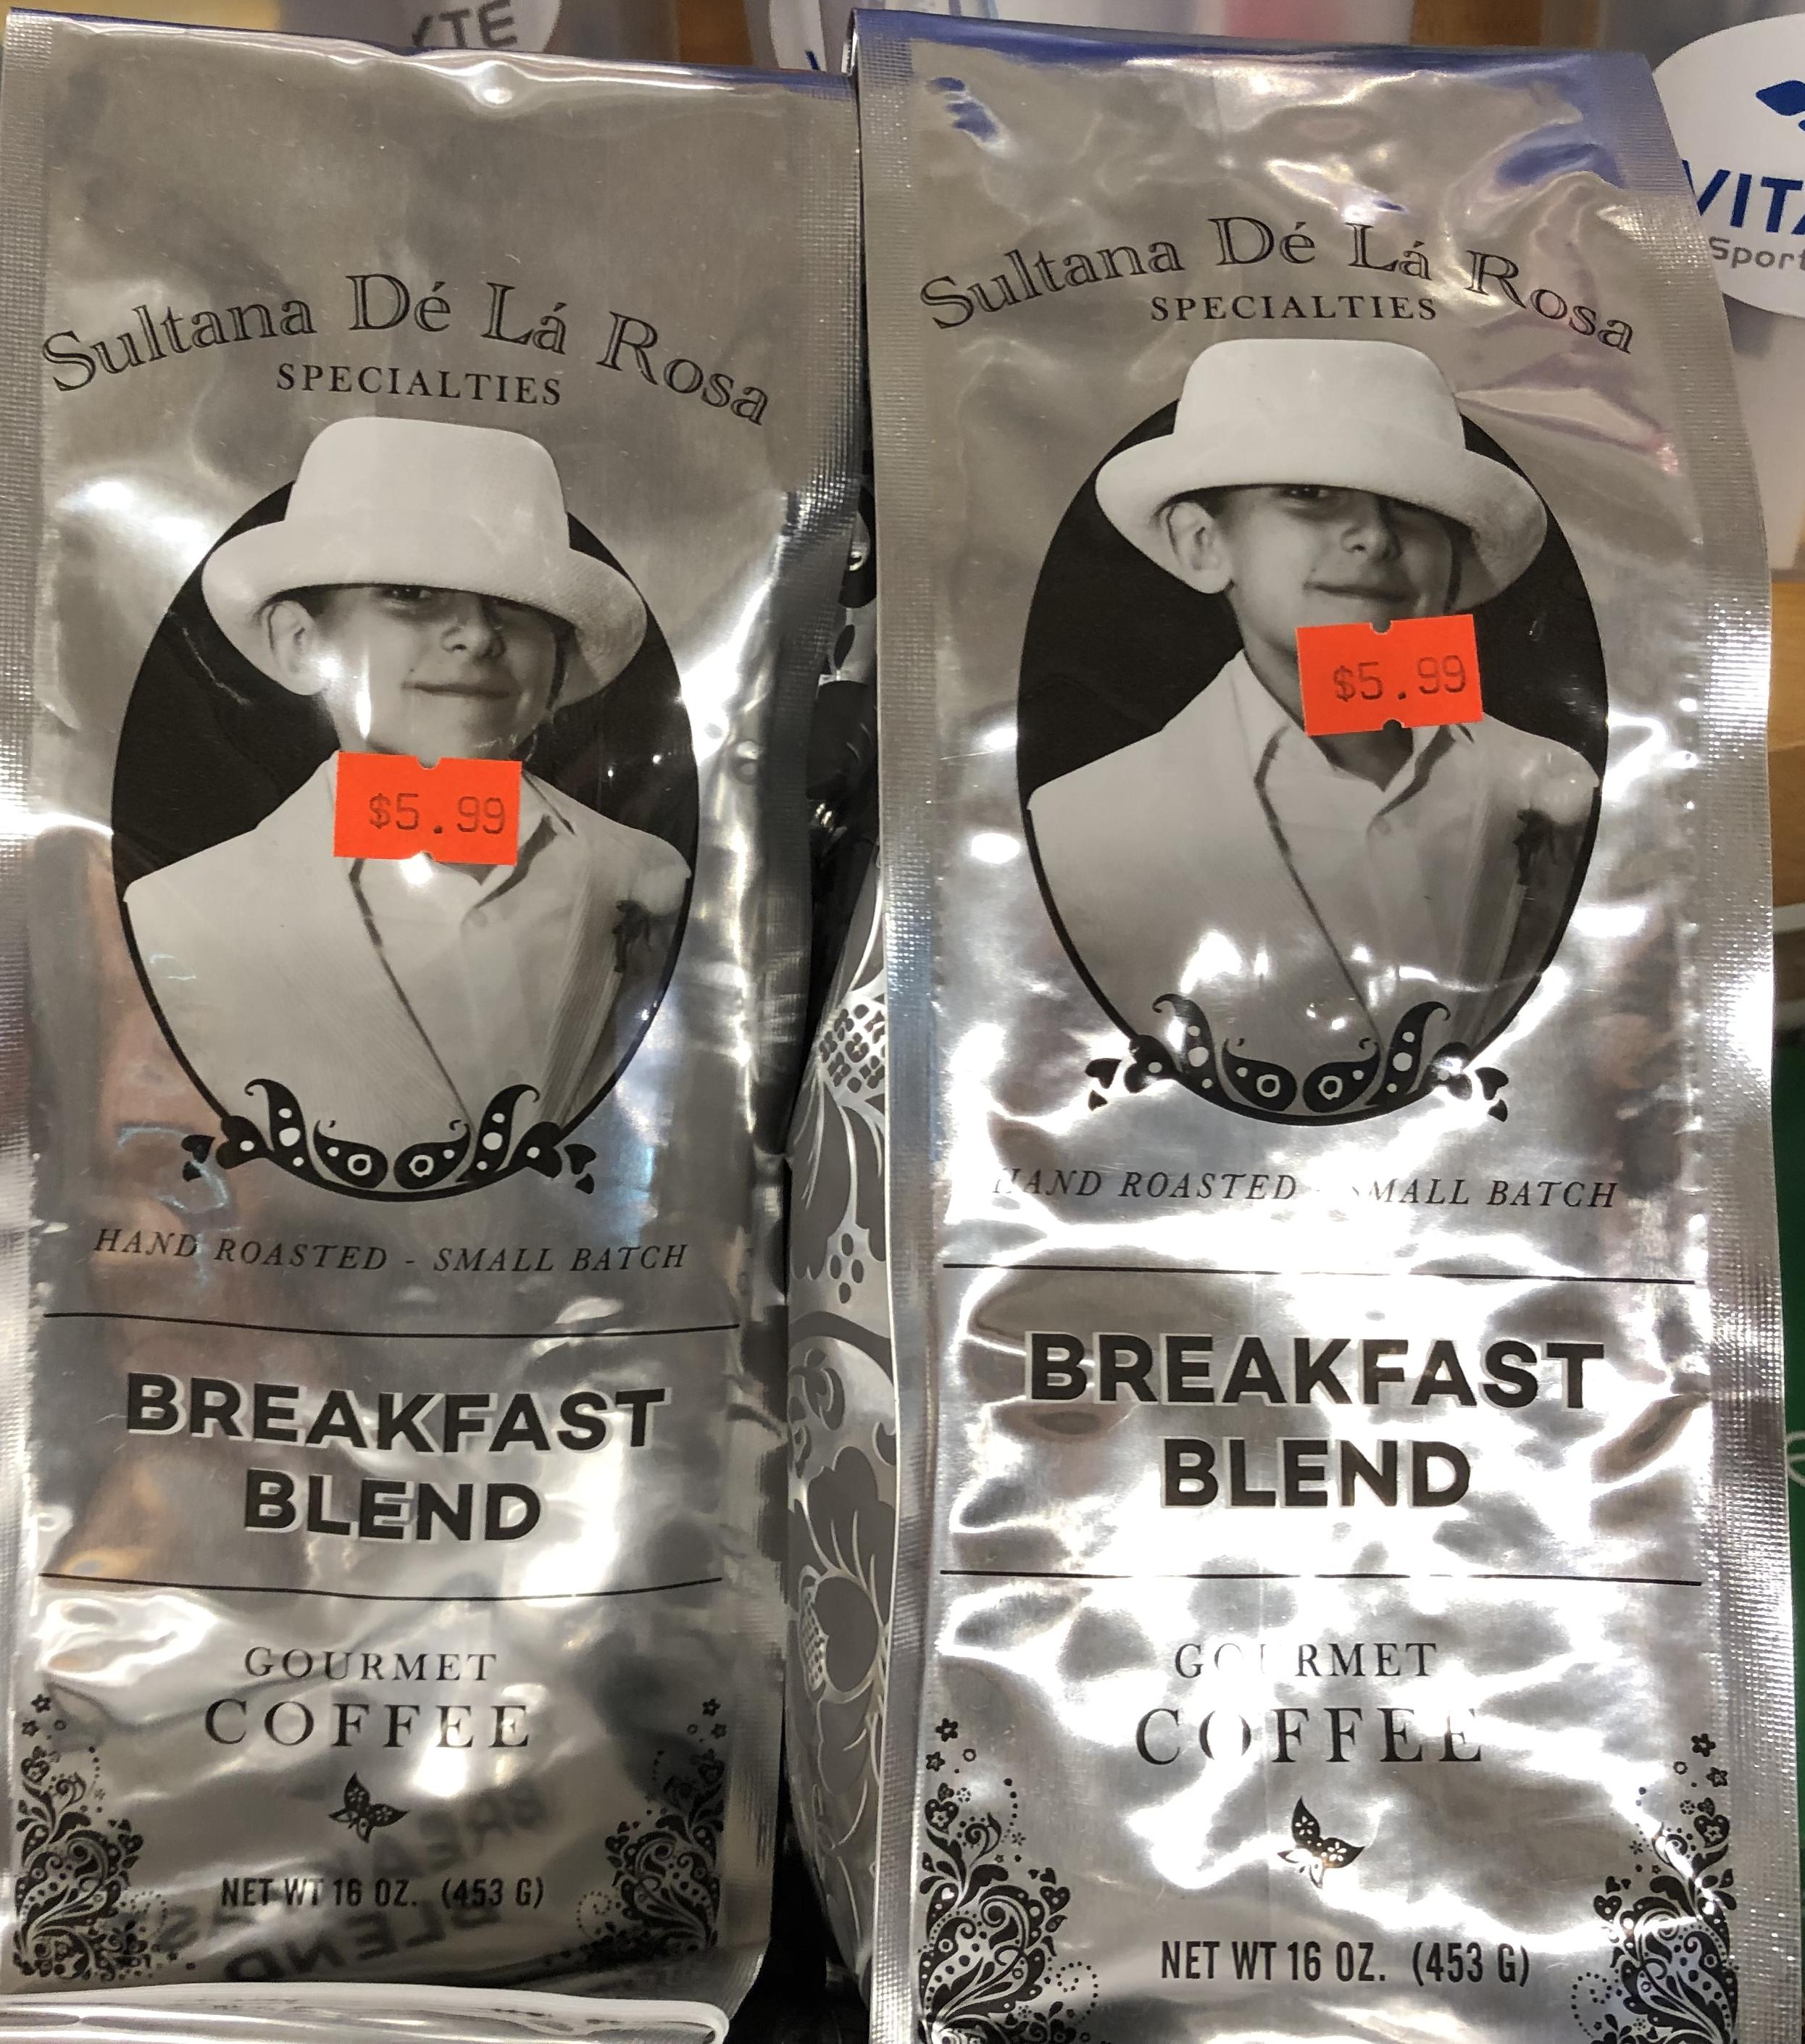 Sultana De La Rosa Coffee - Breakfast Blend